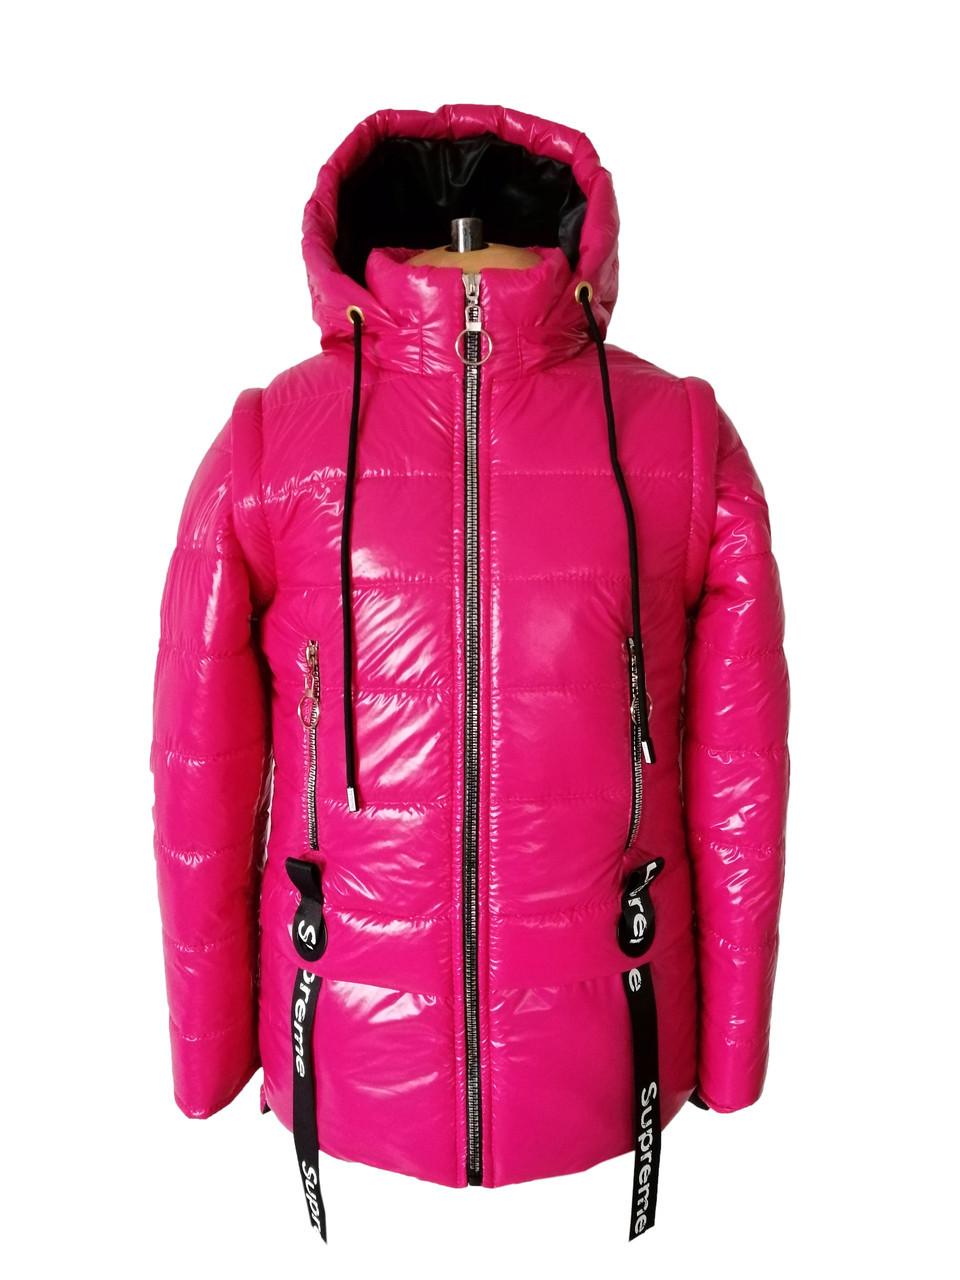 Куртки для девочек весенние  интернет магазин   34-44 малина+черный